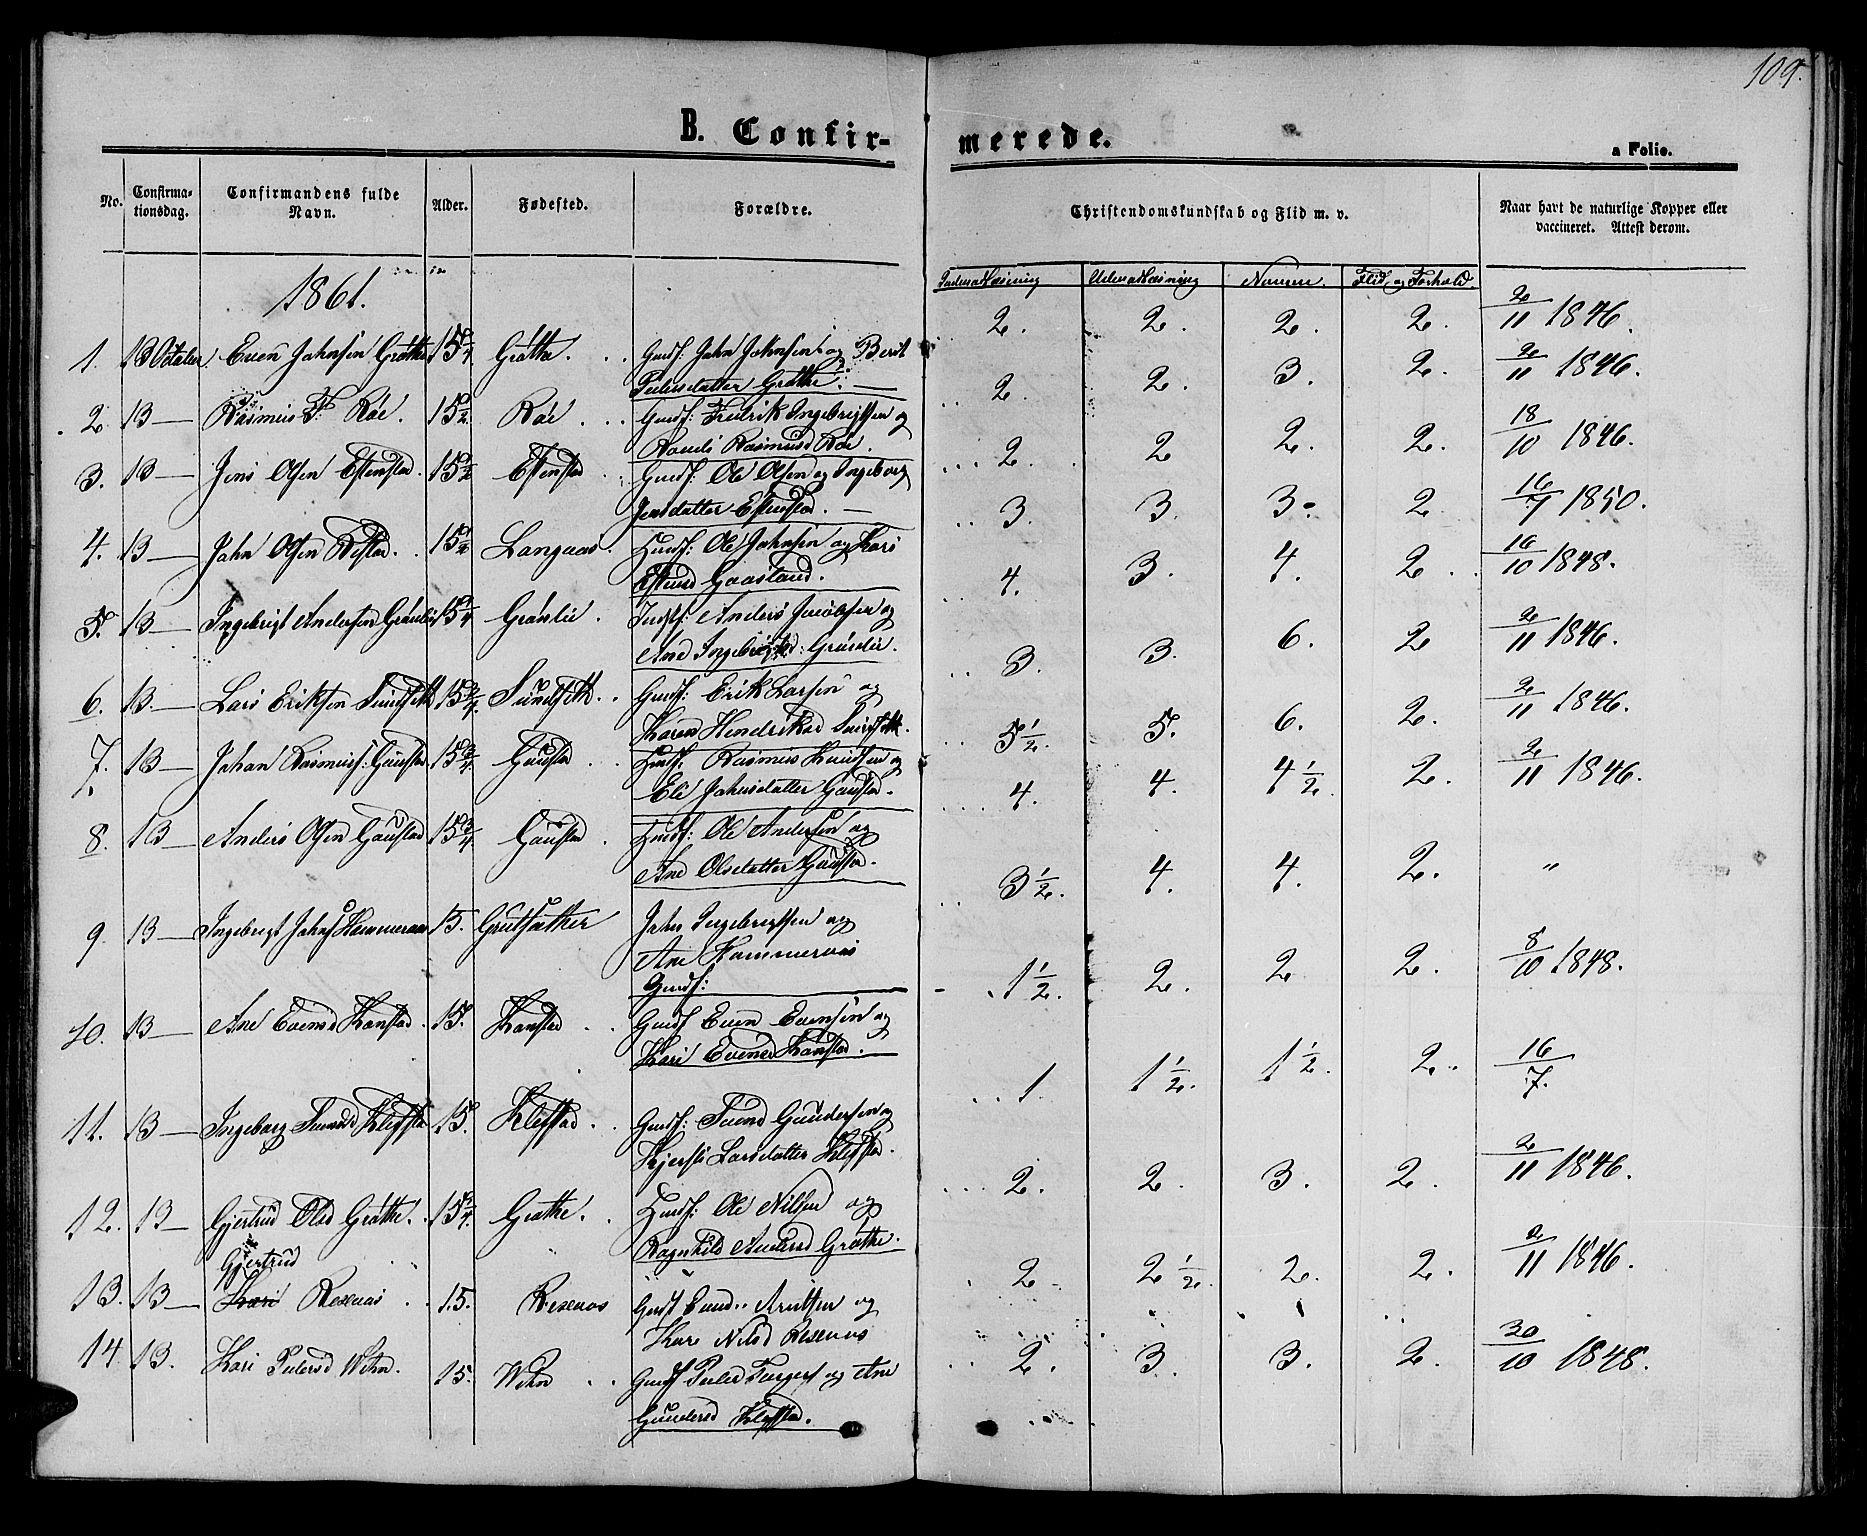 SAT, Ministerialprotokoller, klokkerbøker og fødselsregistre - Sør-Trøndelag, 694/L1131: Klokkerbok nr. 694C03, 1858-1886, s. 109